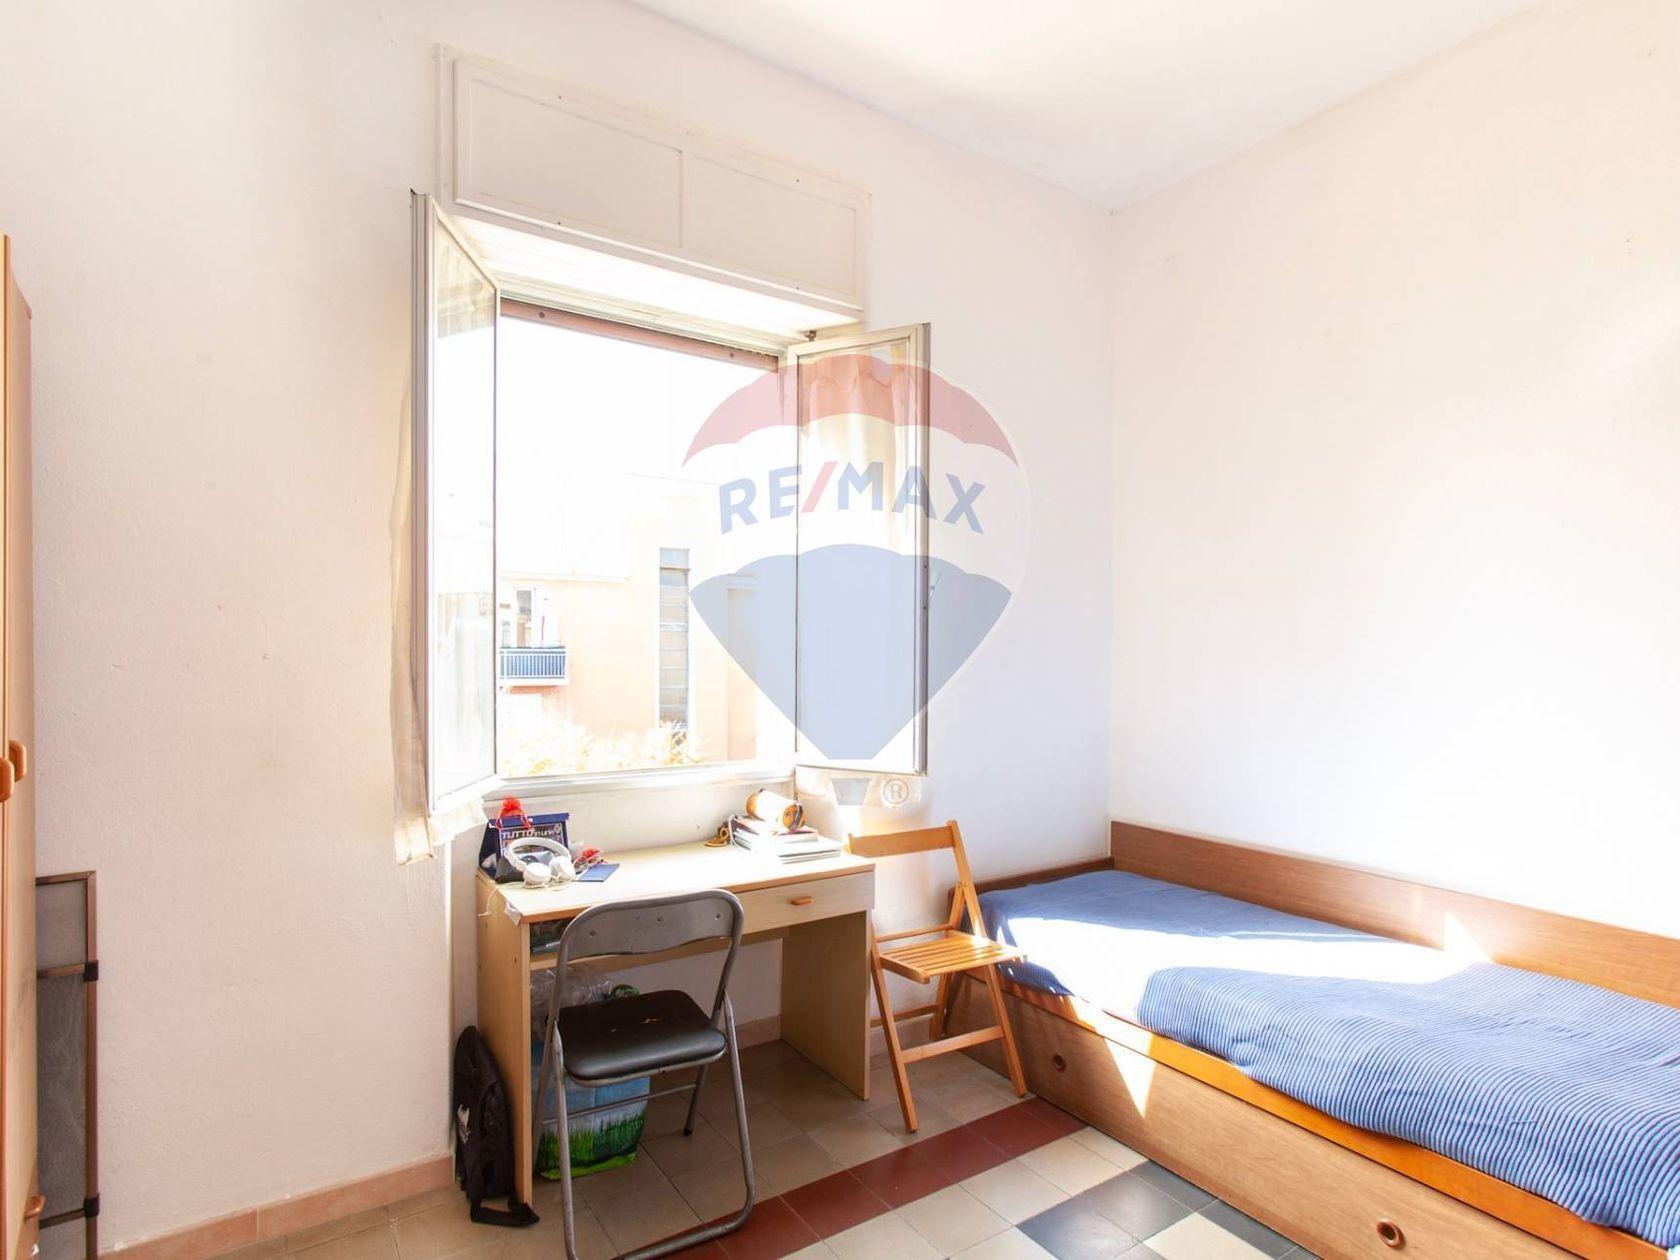 Appartamento San Benedetto, Cagliari, CA Vendita - Foto 5